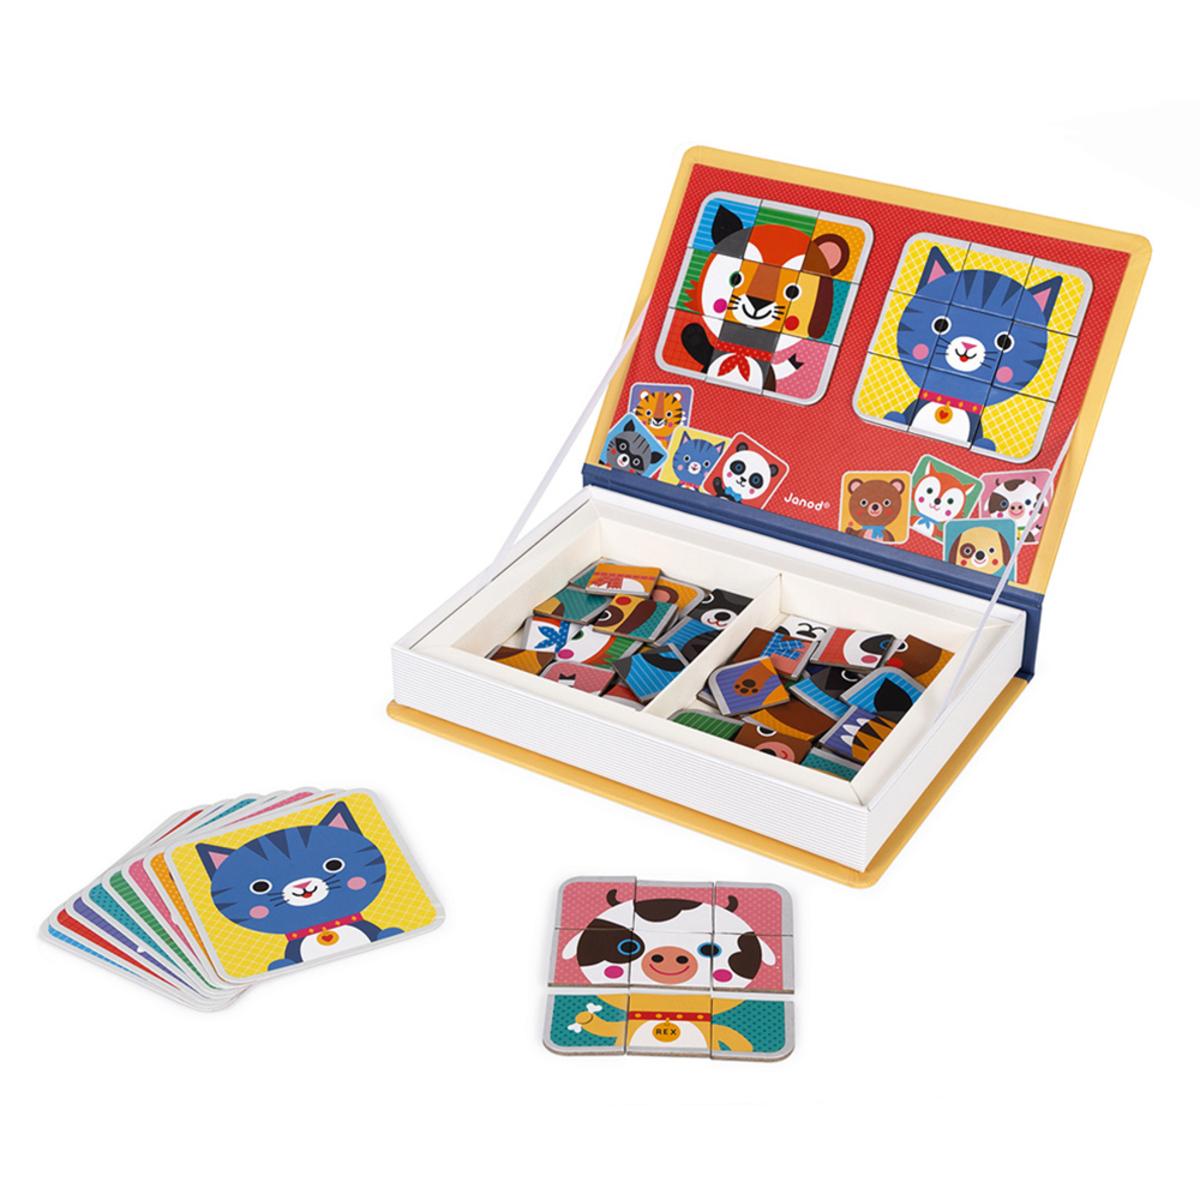 Mes premiers jouets Magnéti'Book Mix & Match Magnéti'Book Mix & Match